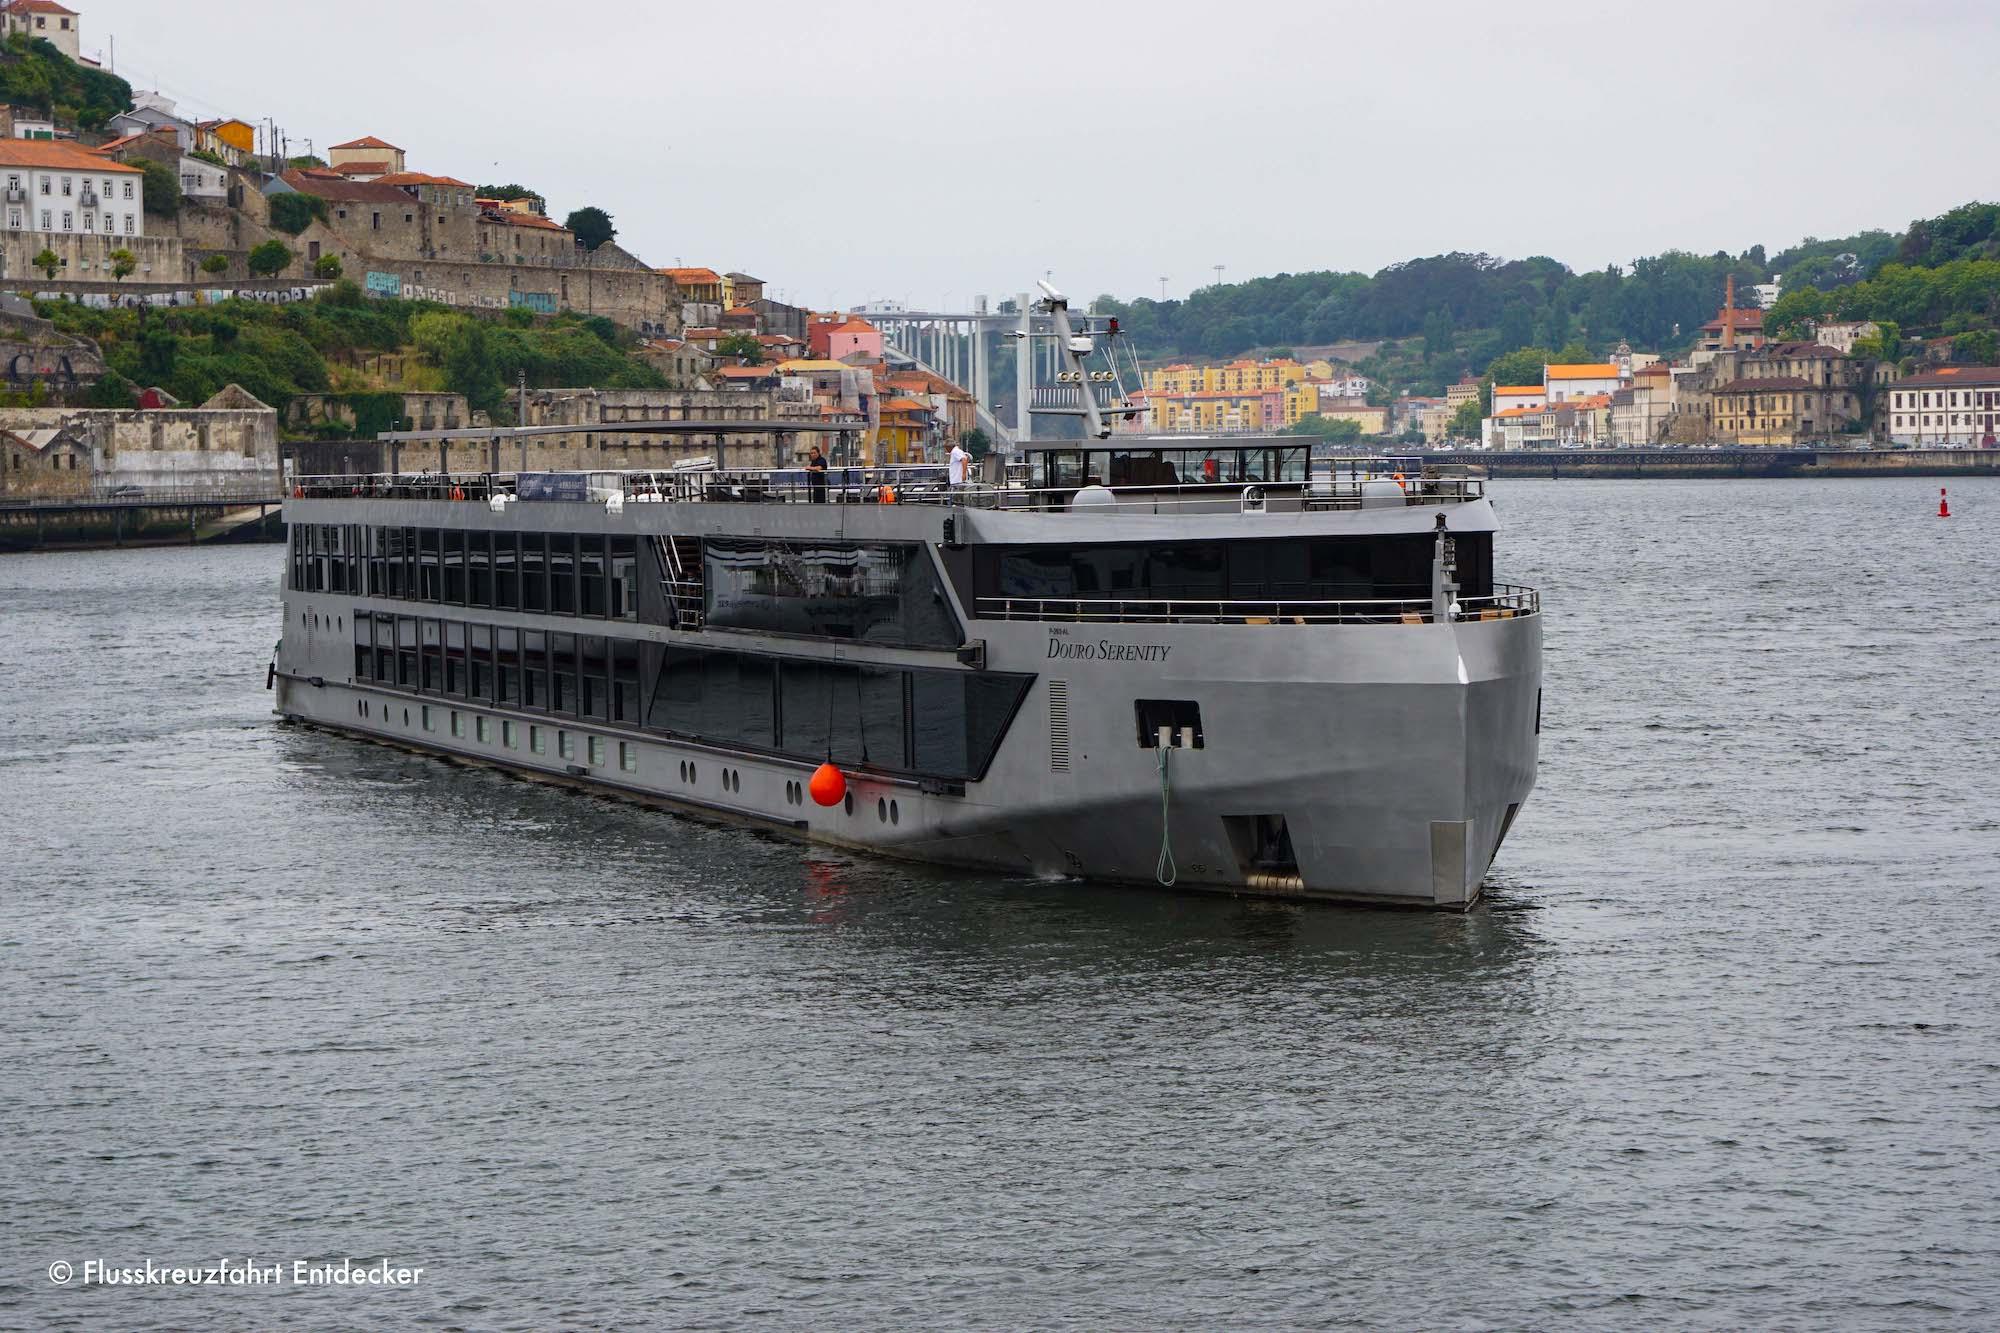 MS DOURO SERENITY: Portugiesisch und modern über den Douro